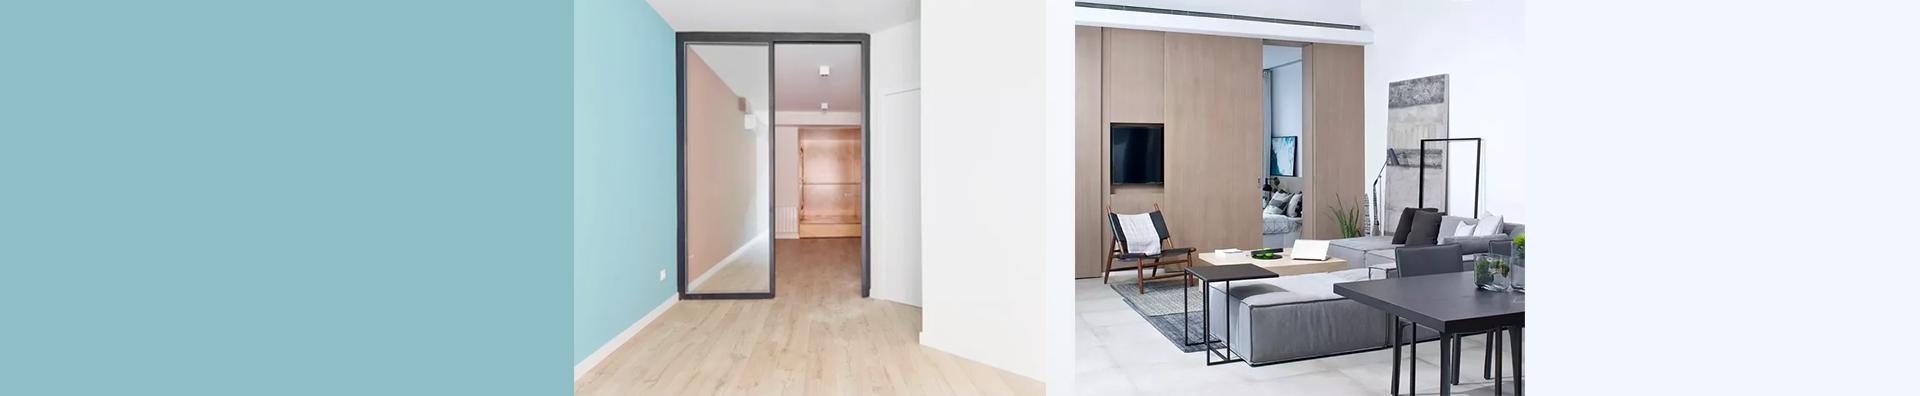 地砖or地板到底哪个好?